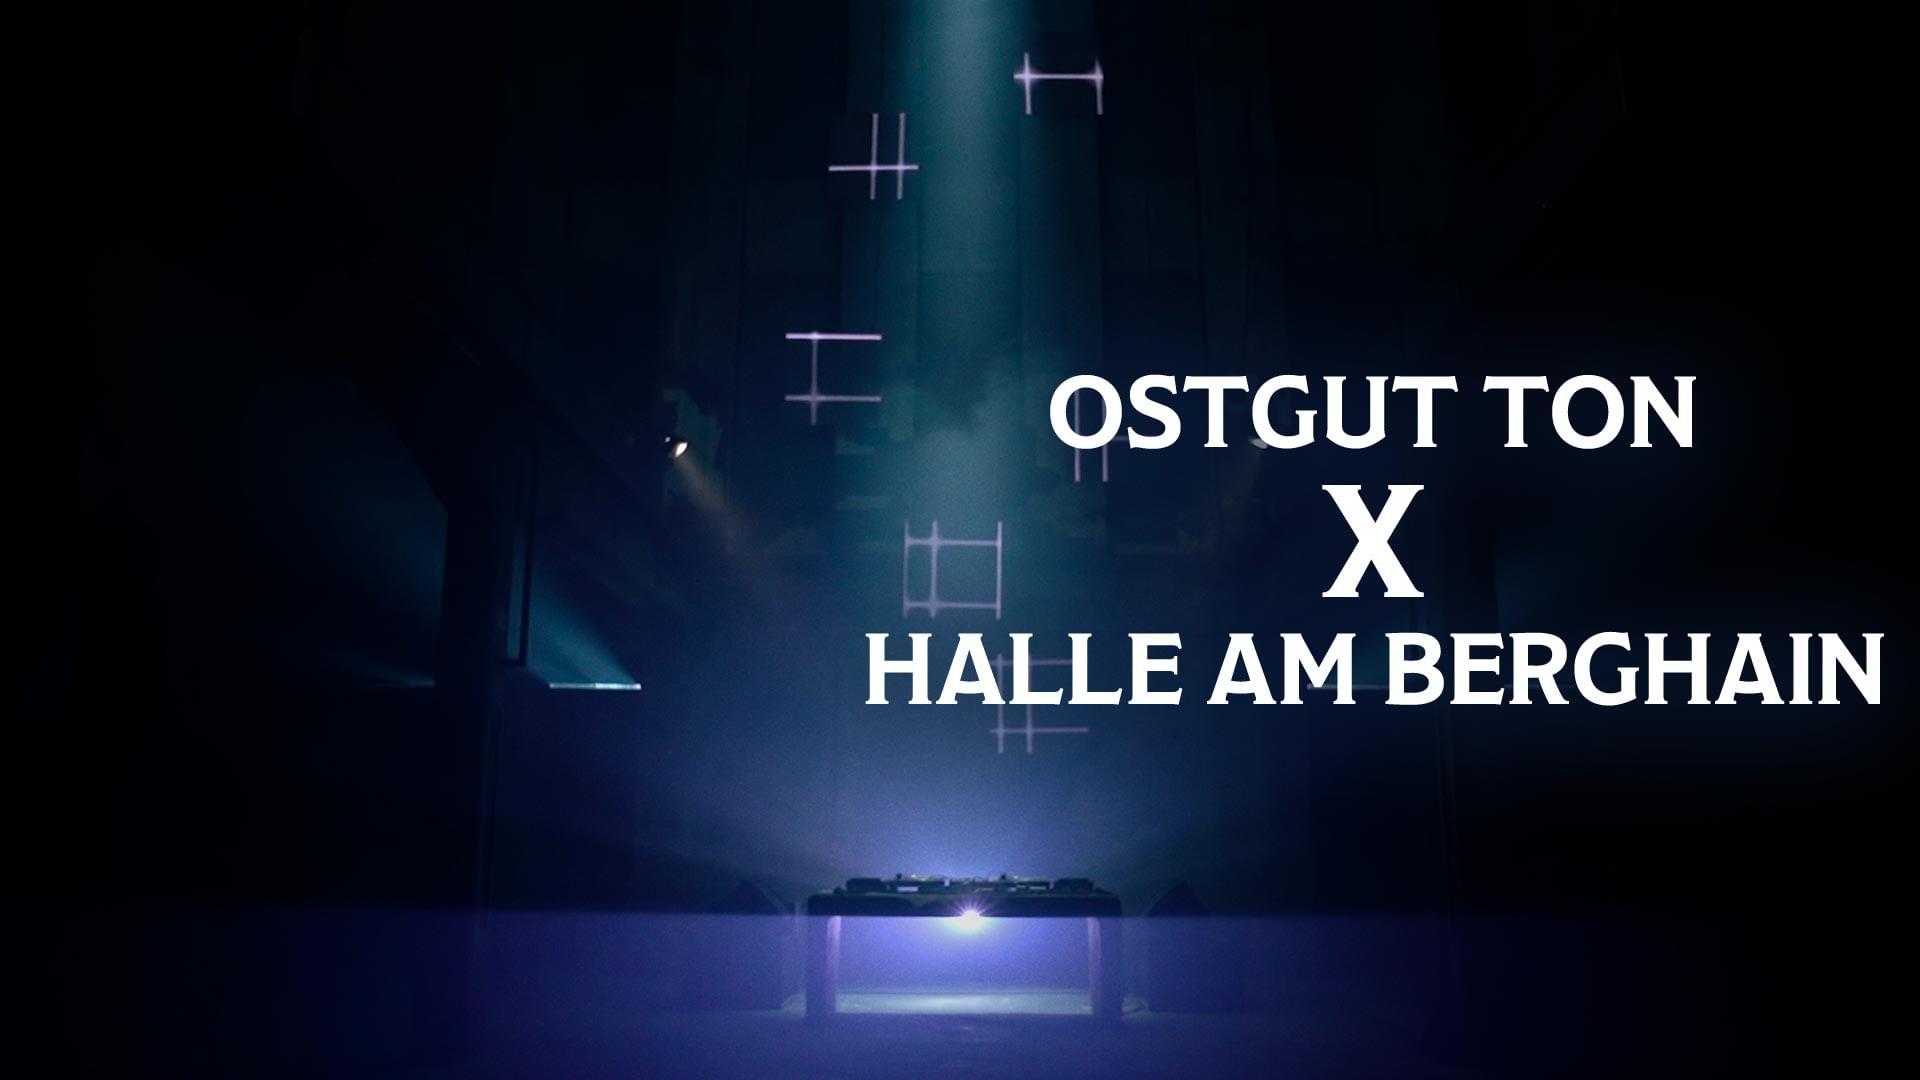 Ostgut Ton depuis la Halle am Berghain